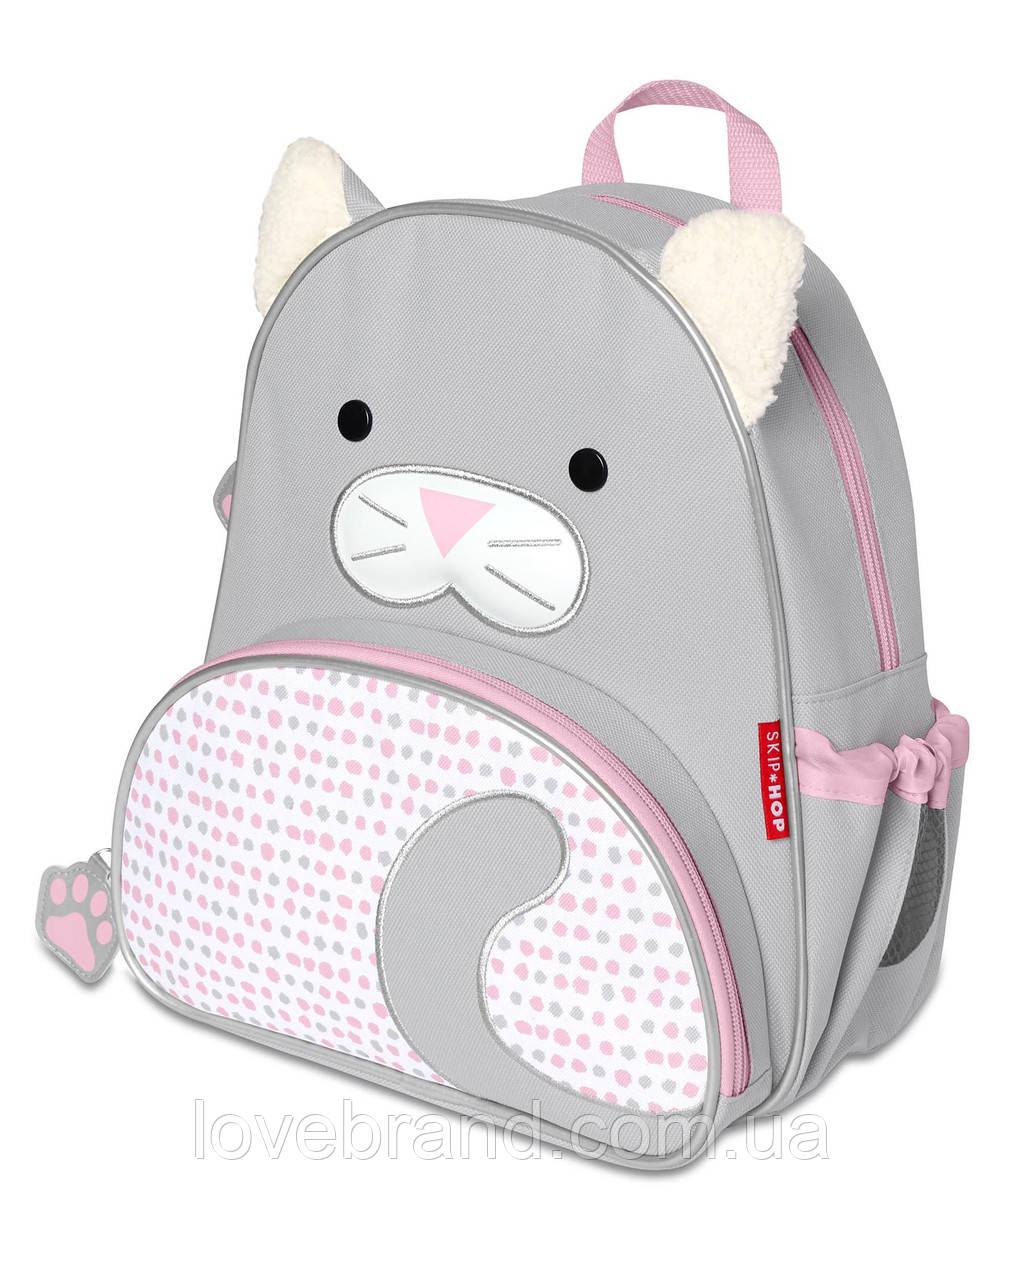 """Рюкзак SkipHop """"Котёнок""""  для девочки , рюкзачок детский Скип Хоп с ушками"""